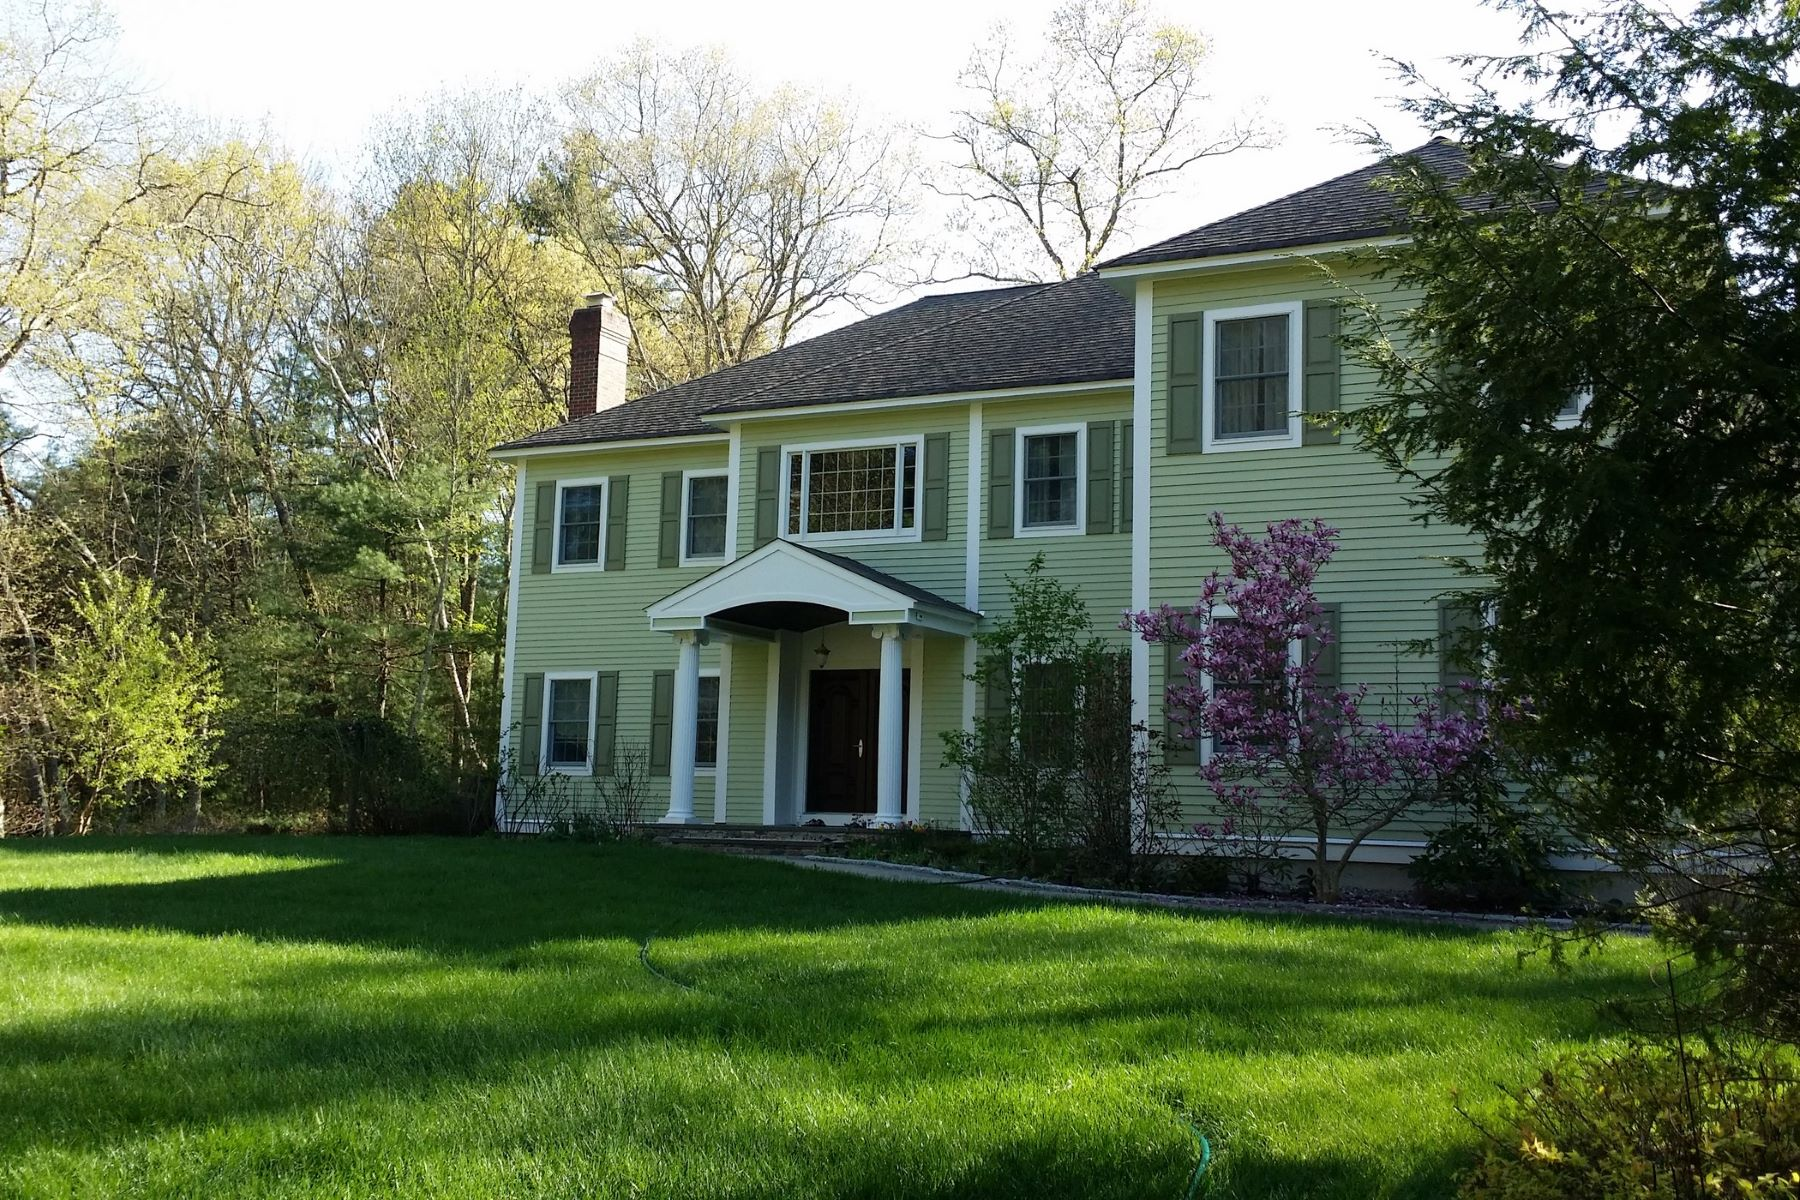 Maison unifamiliale pour l Vente à Coveted Neighborhood 65 Hutchins Road Carlisle, Massachusetts, 01741 États-Unis